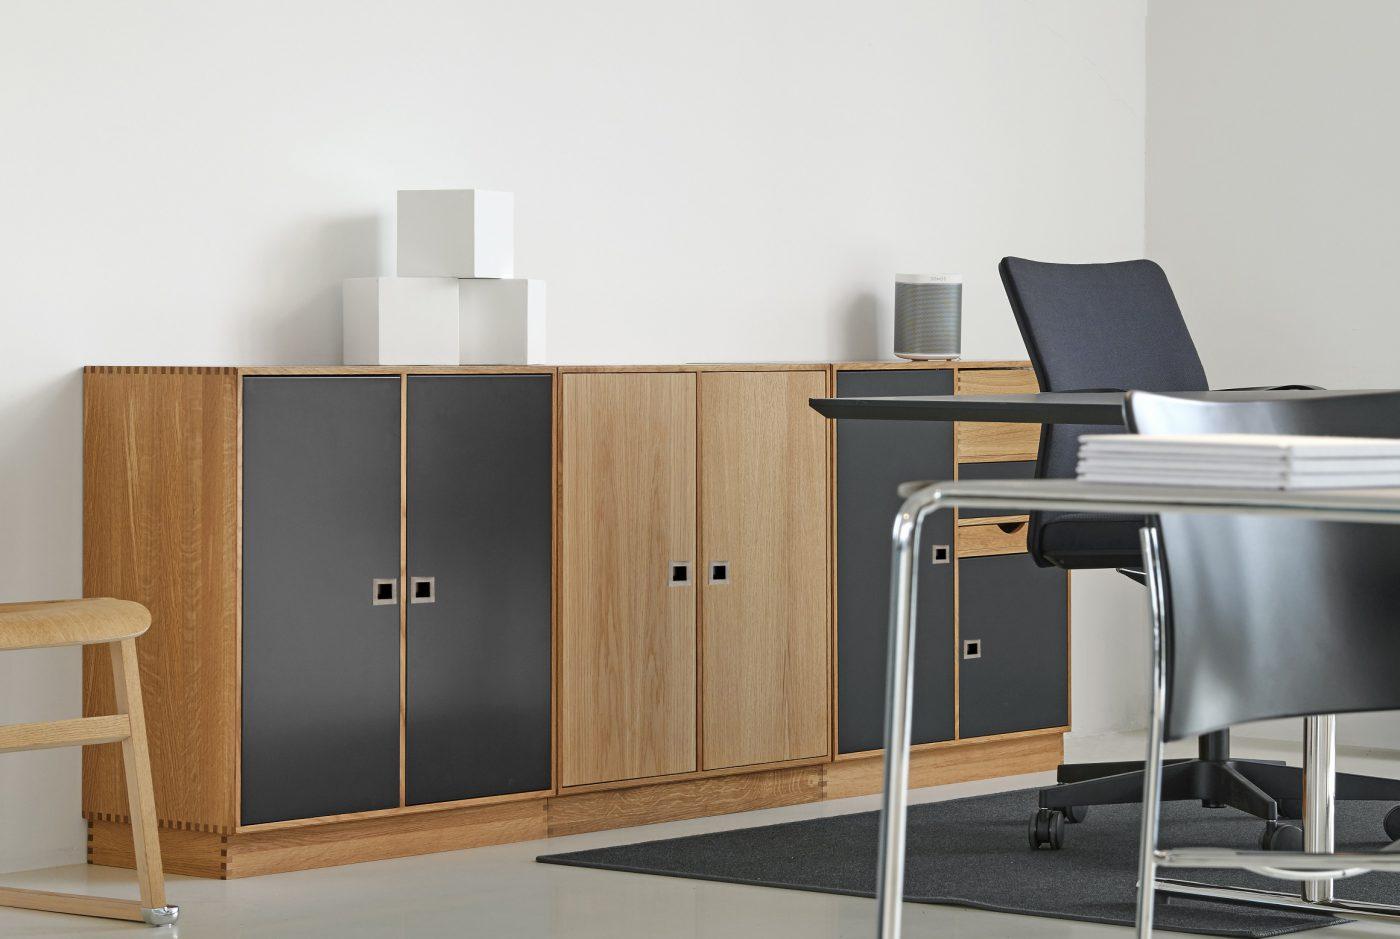 Muebles poco espacio simple cuando tenemos poco espacio - Dormitorios juveniles con poco espacio ...